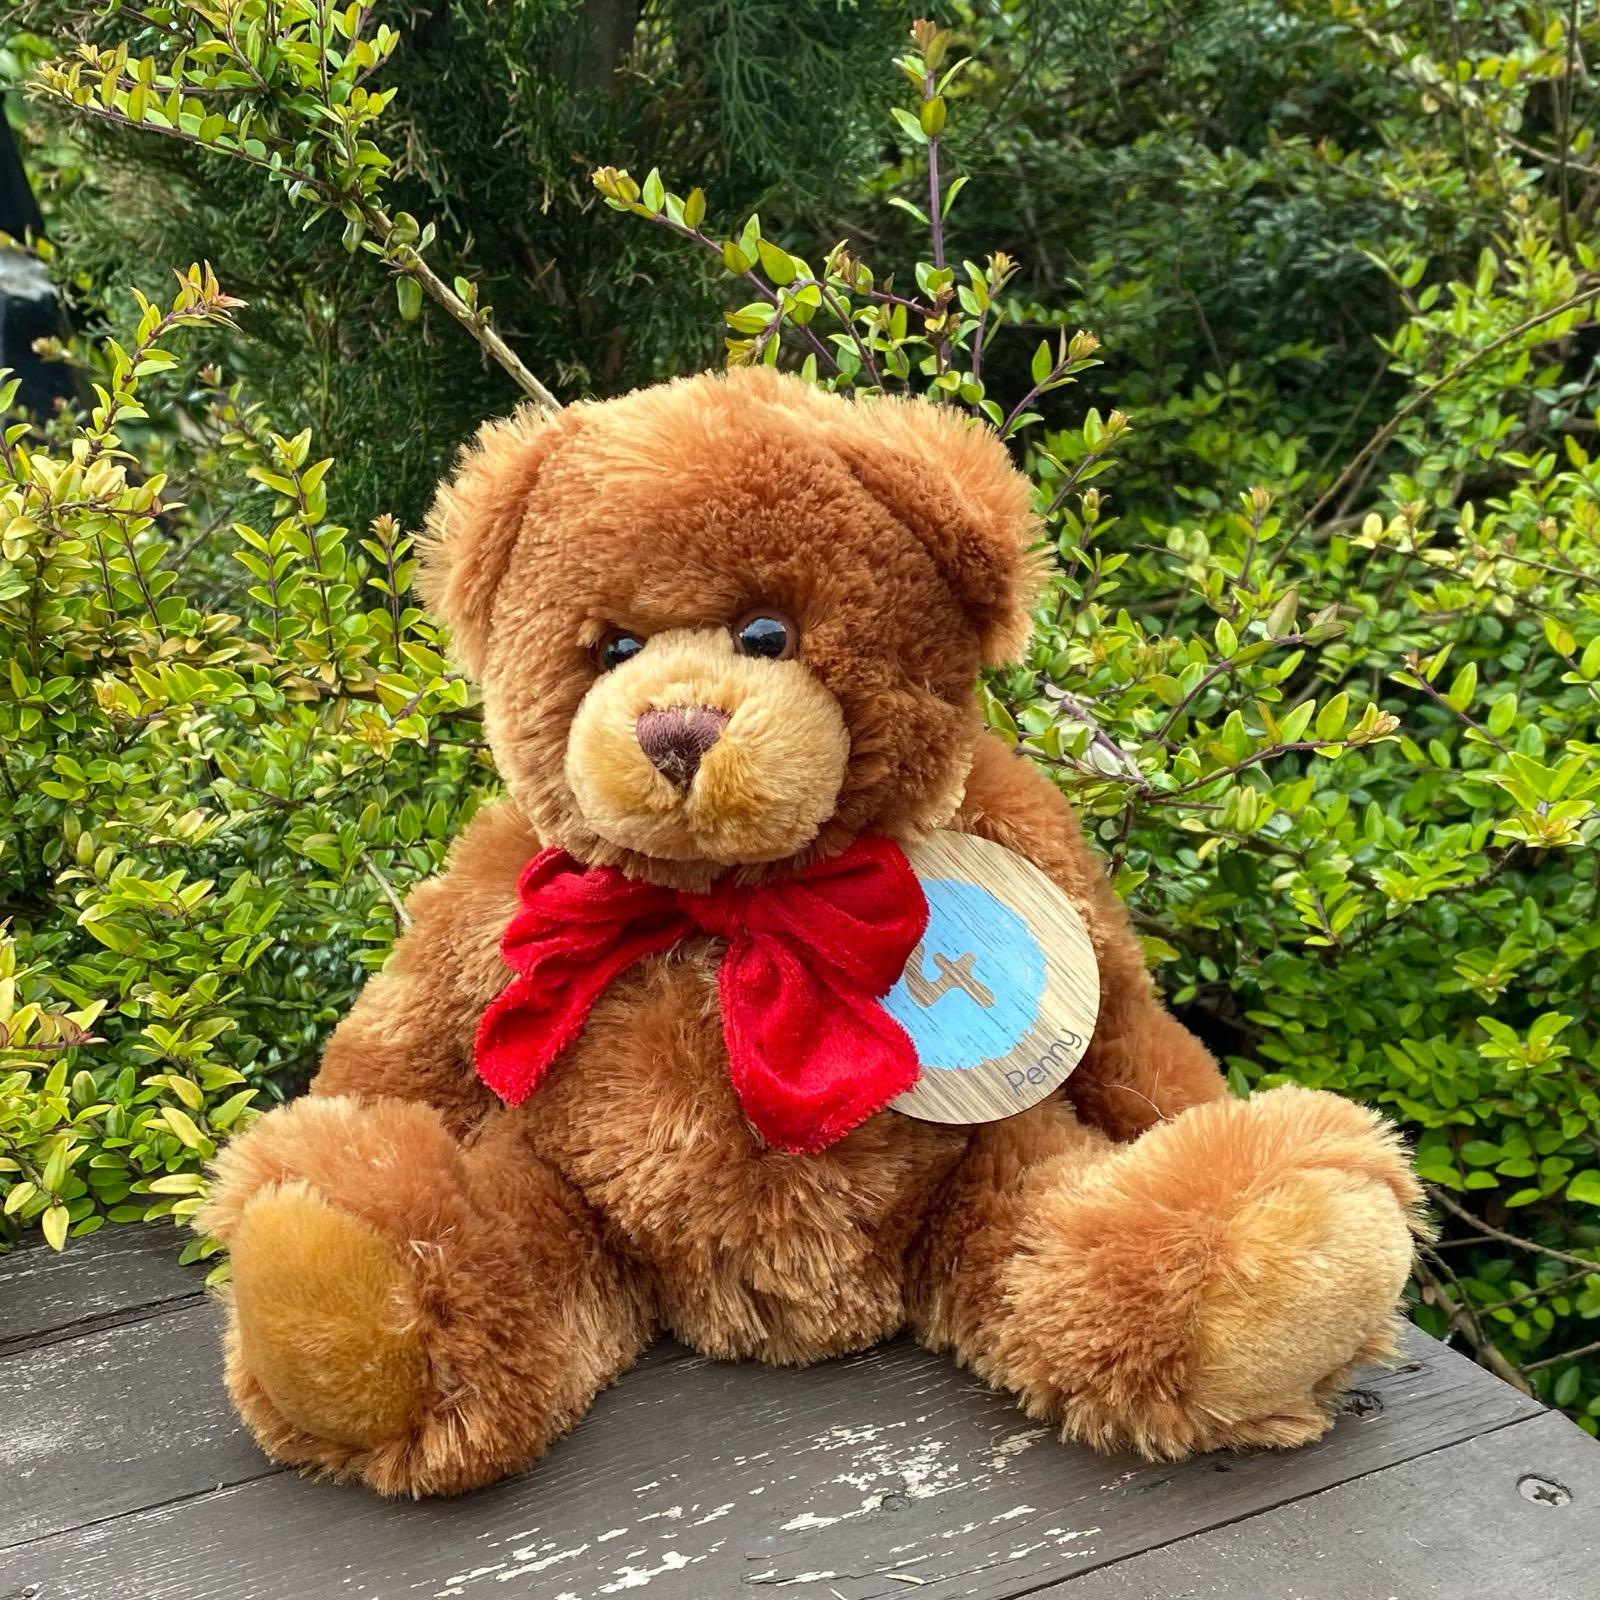 TEDDY PENNY